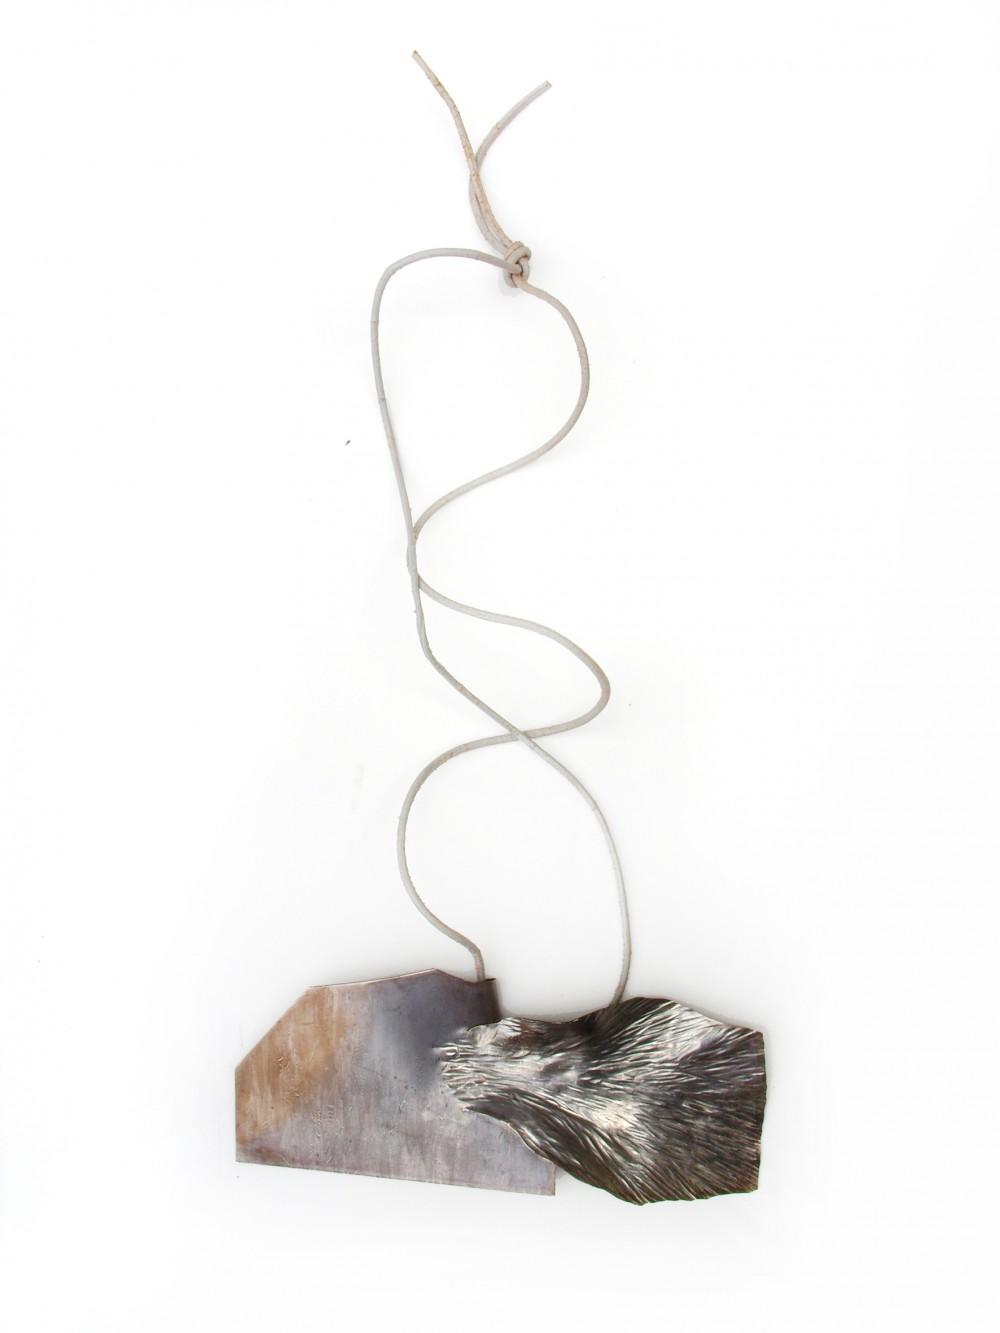 Neckpiece, silver, 15 cm x 7 cm, Klara Brynge